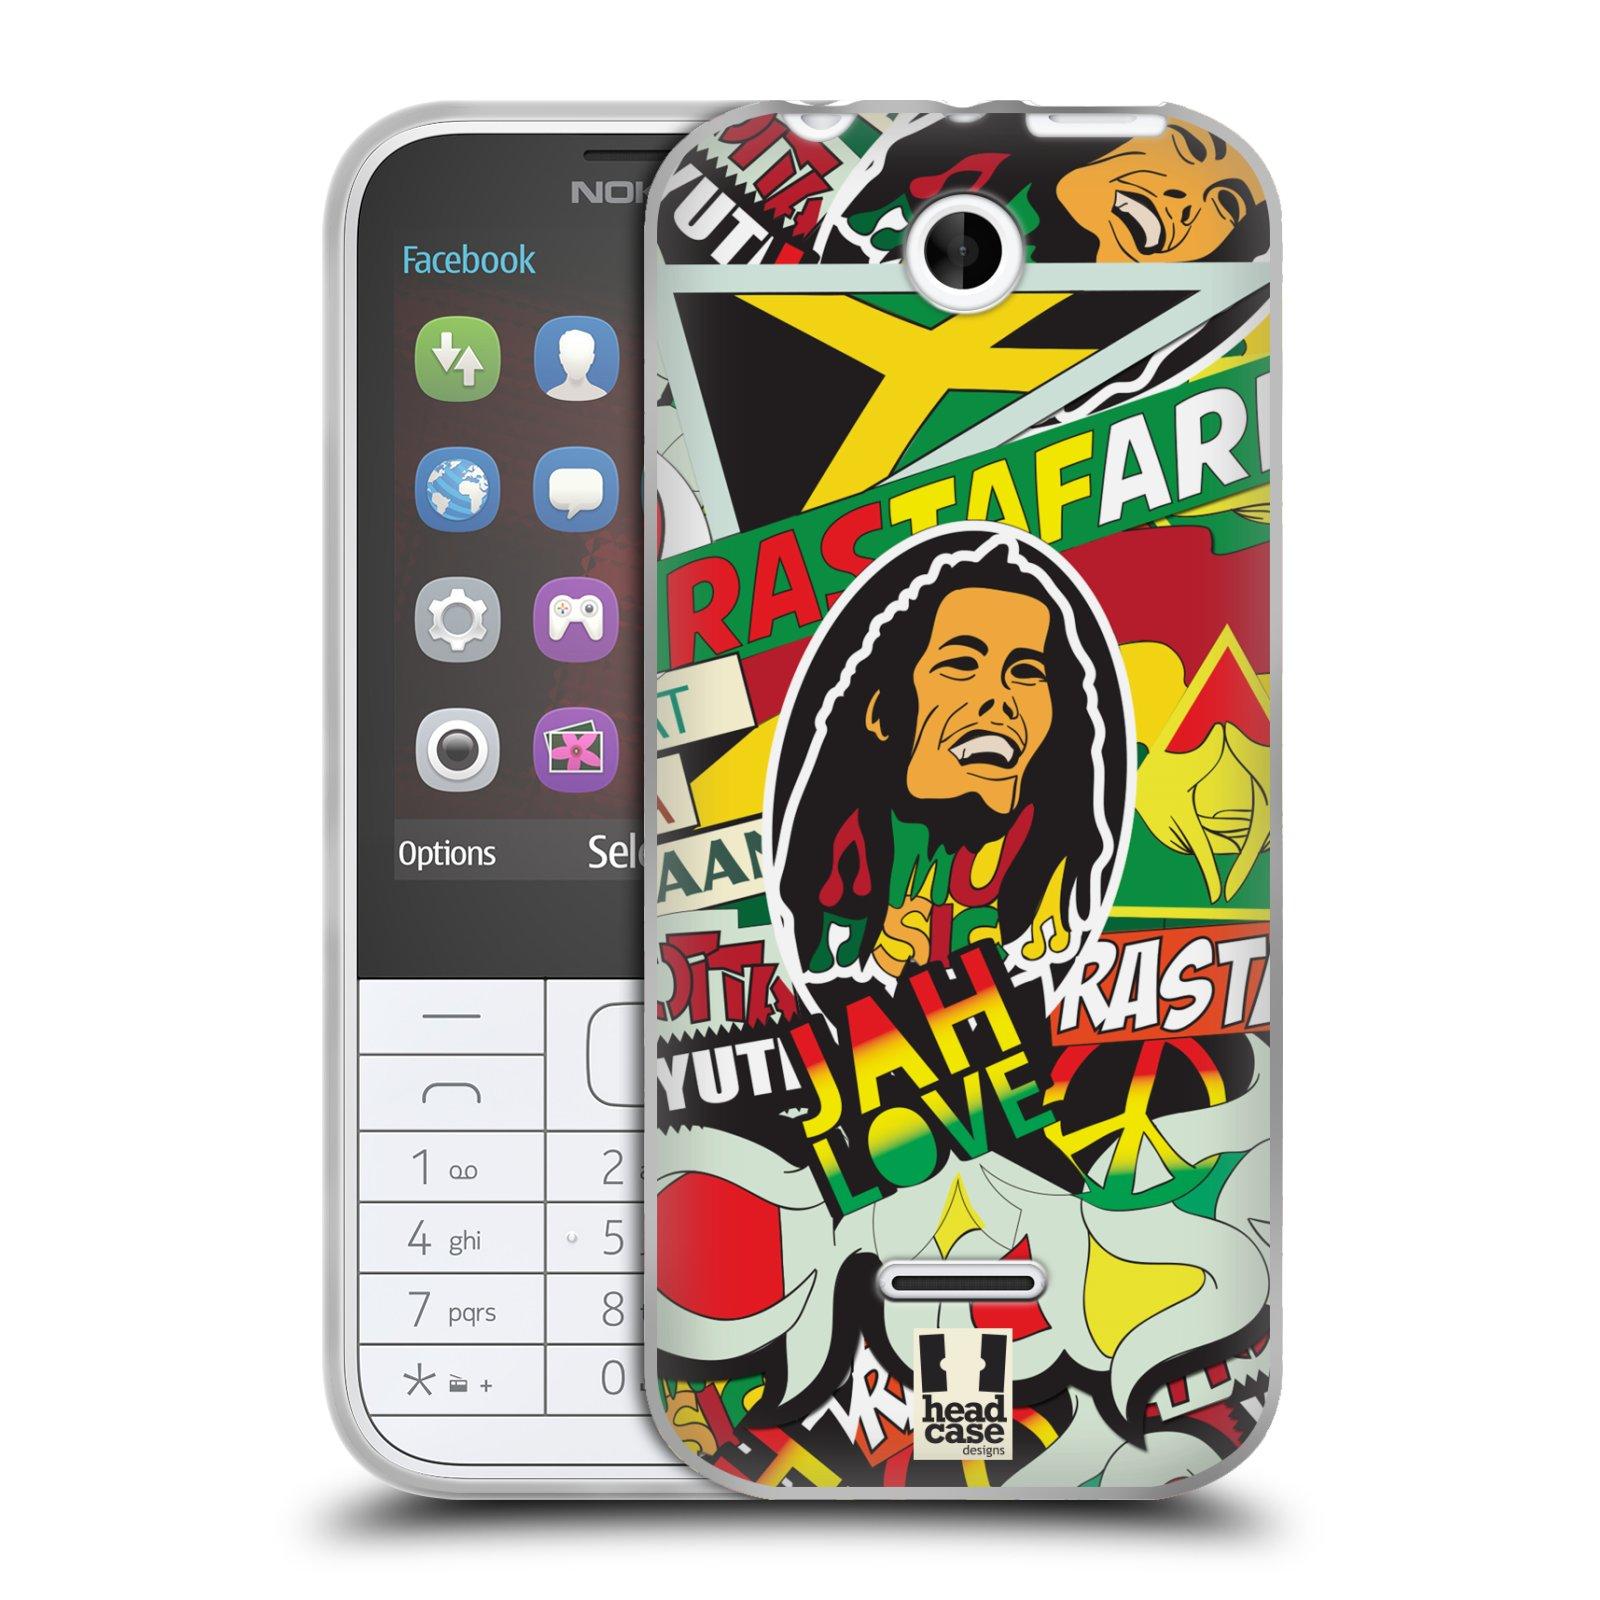 Silikonové pouzdro na mobil Nokia 225 HEAD CASE RASTA (Silikonový kryt či obal na mobilní telefon Nokia 225)